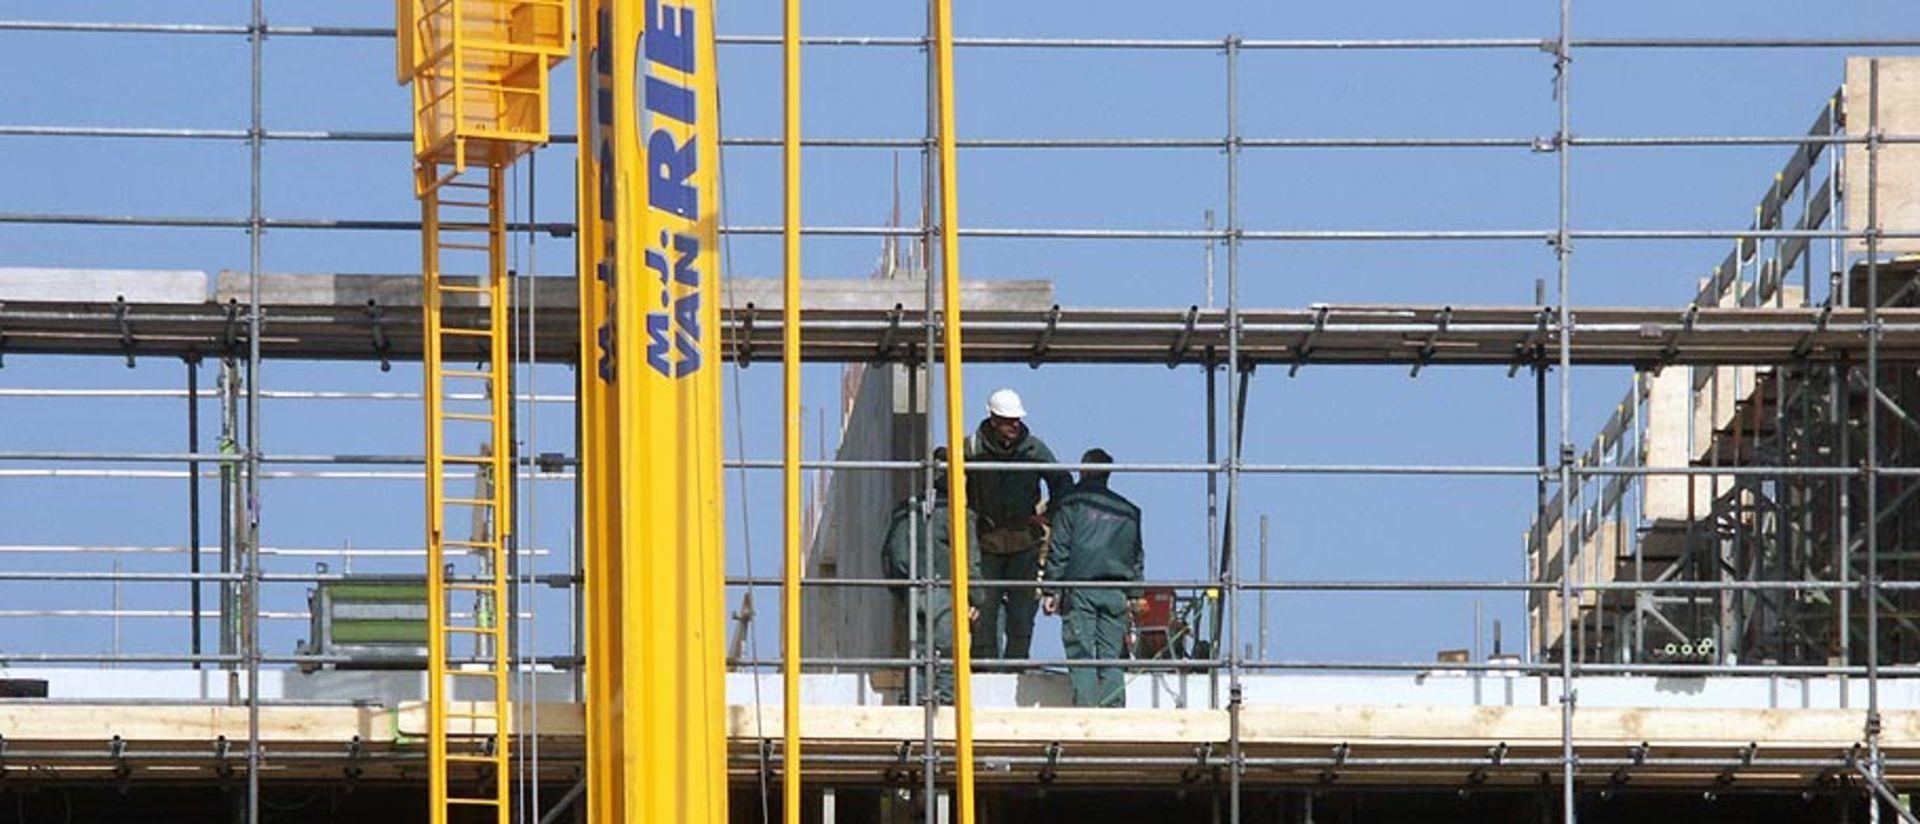 Minister start onderzoek naar stijgende nieuwbouwkosten